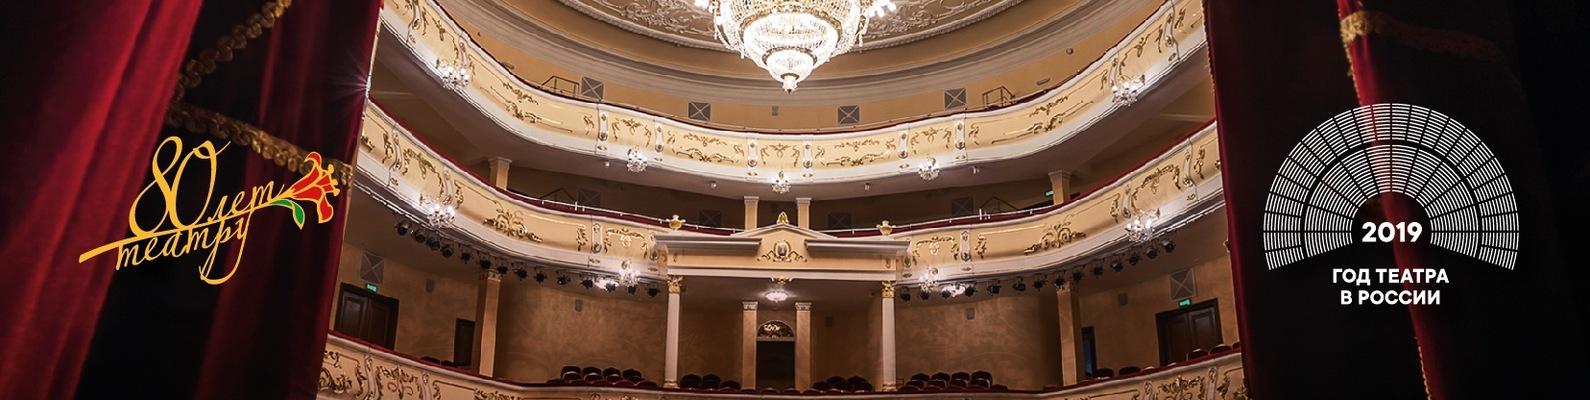 Театр оперы и балета уфа афиша цены олимпия спектакль билеты